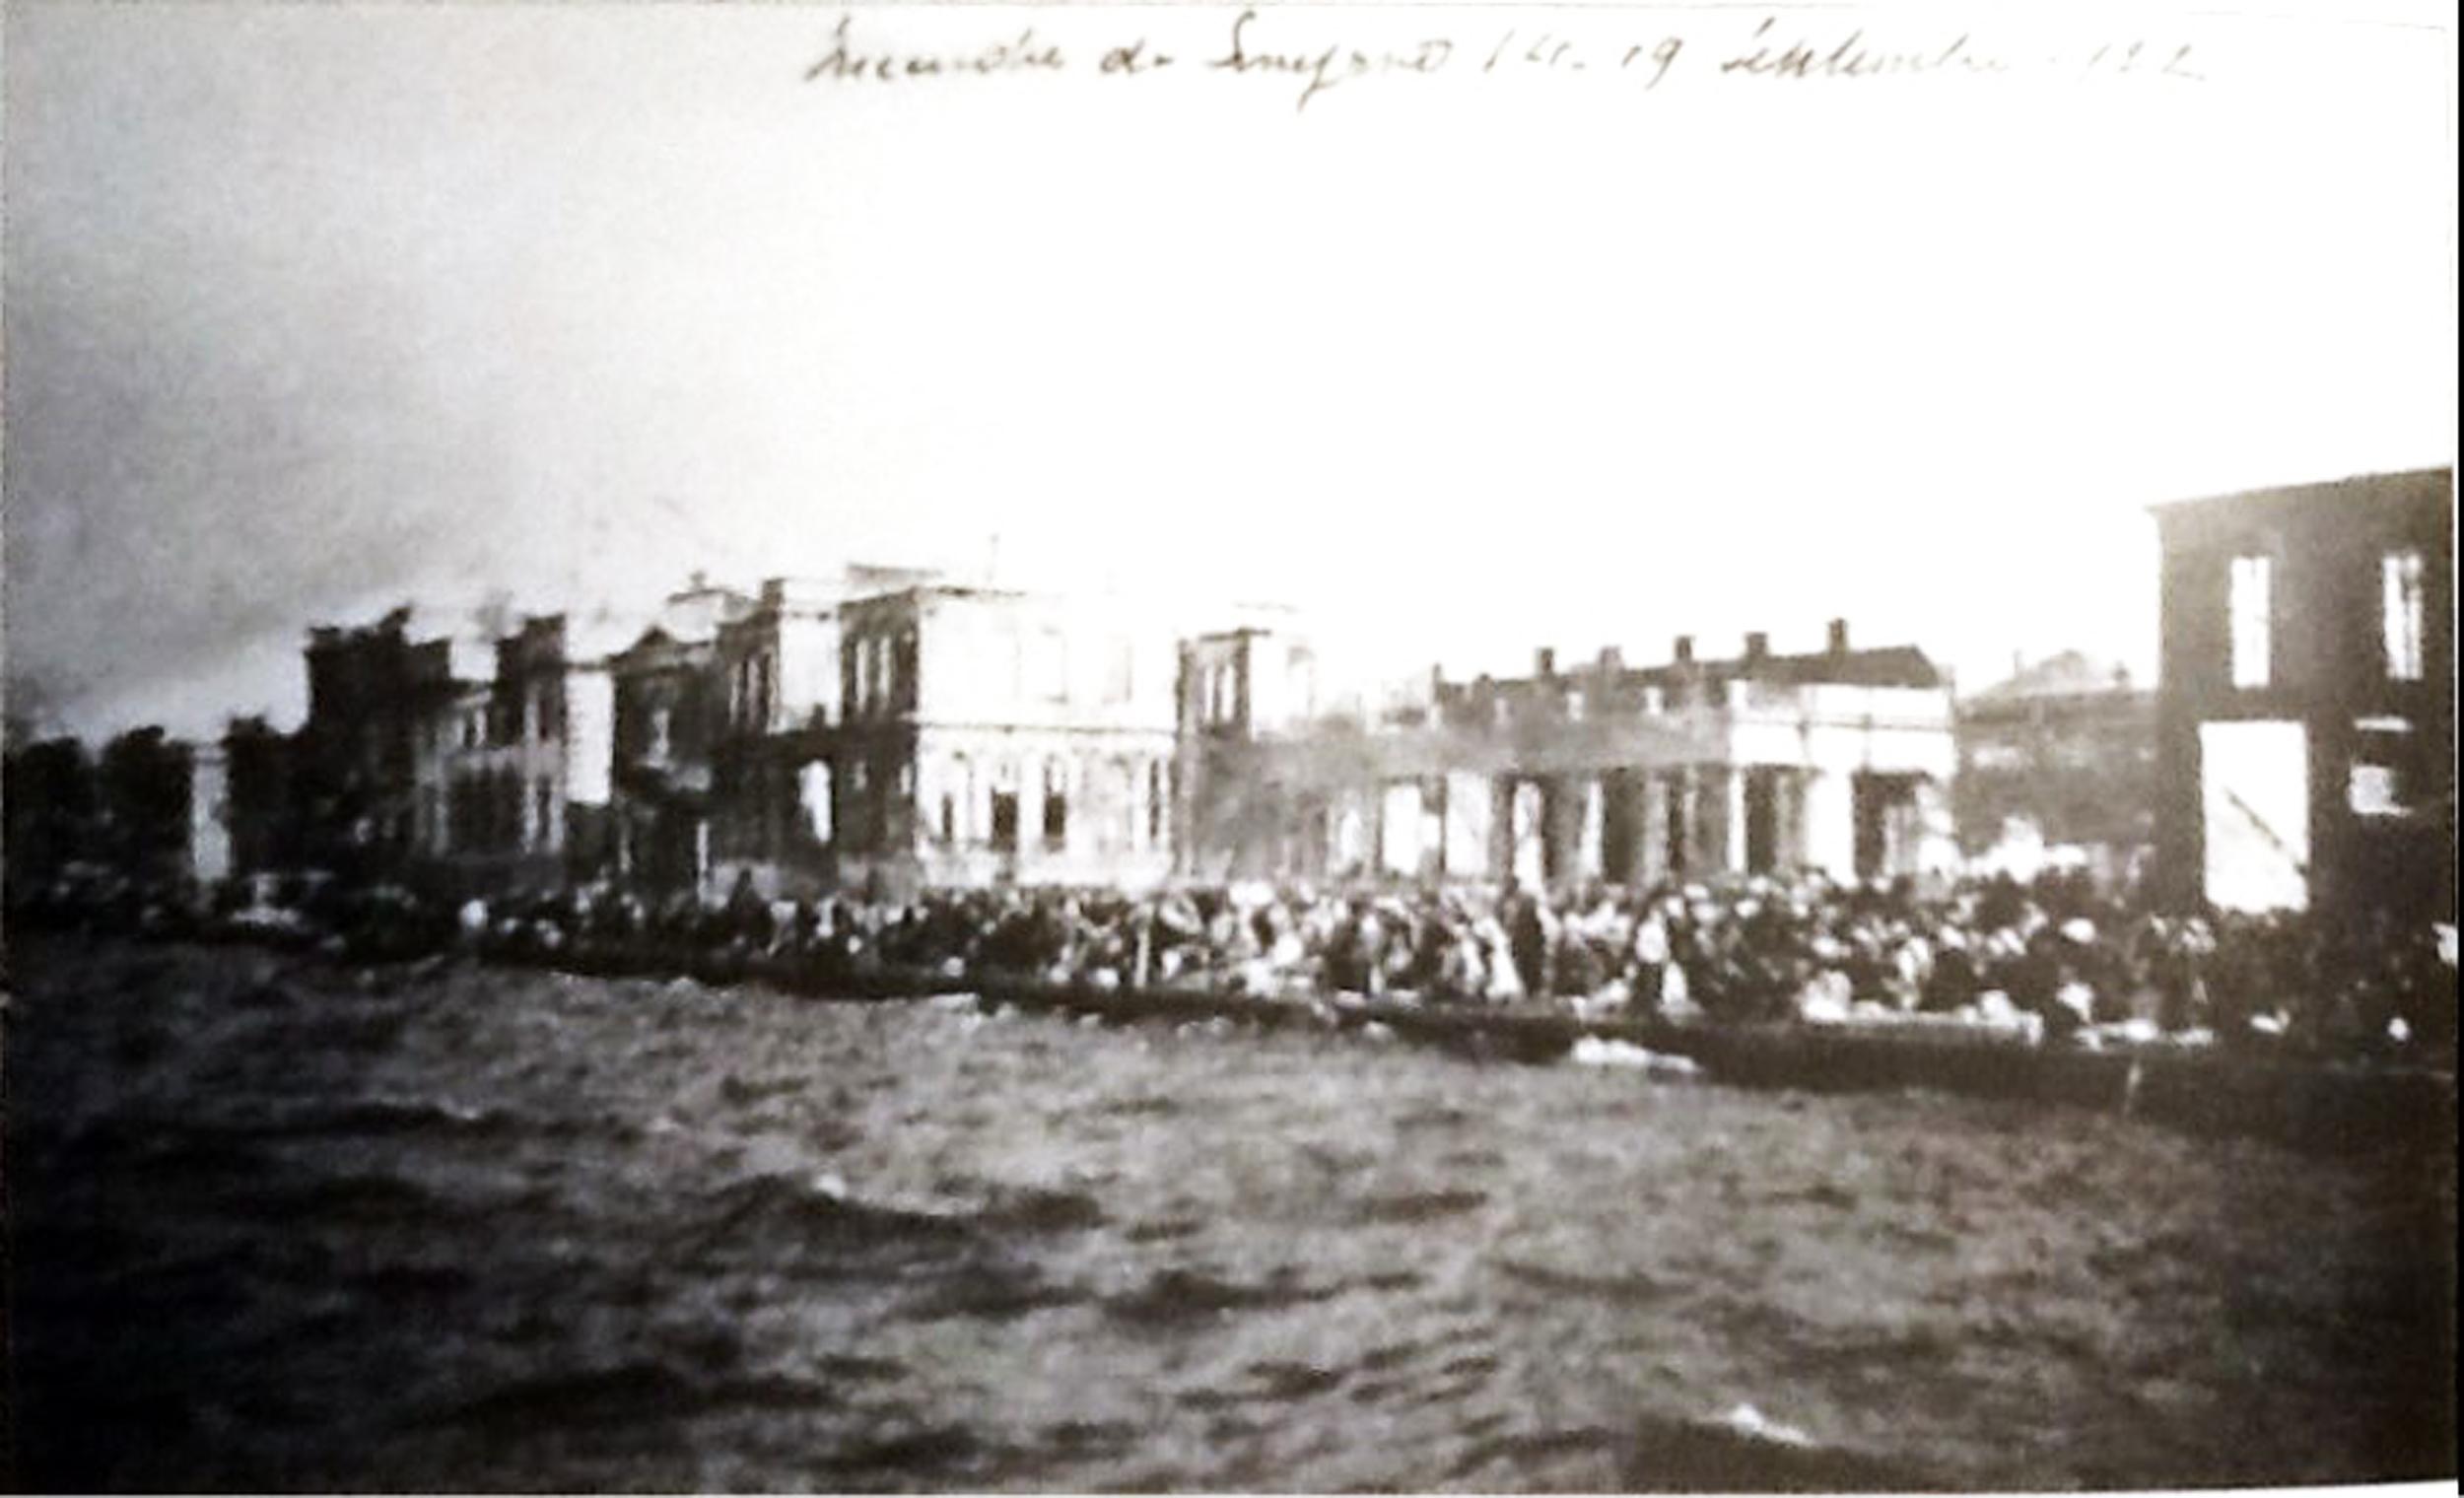 İzmir Yangından Sonra Kaçmaya Çalışan Hıristiyanlar 1922.jpg